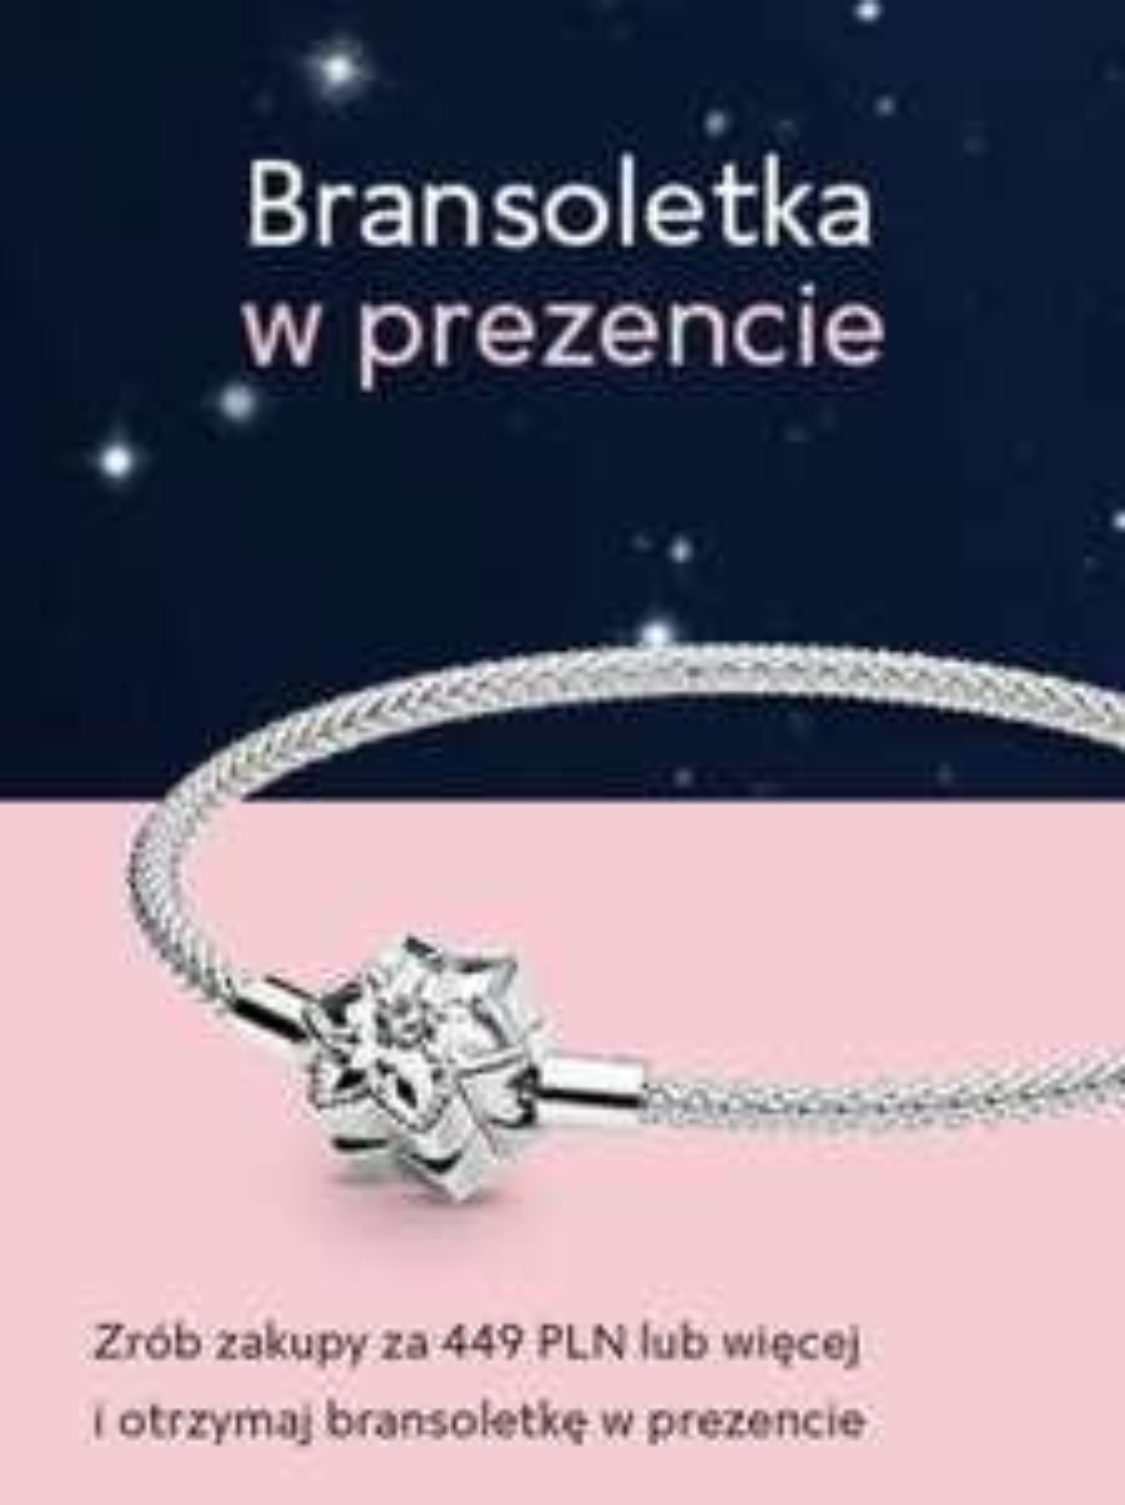 Pandora - Bransoletka w prezencie